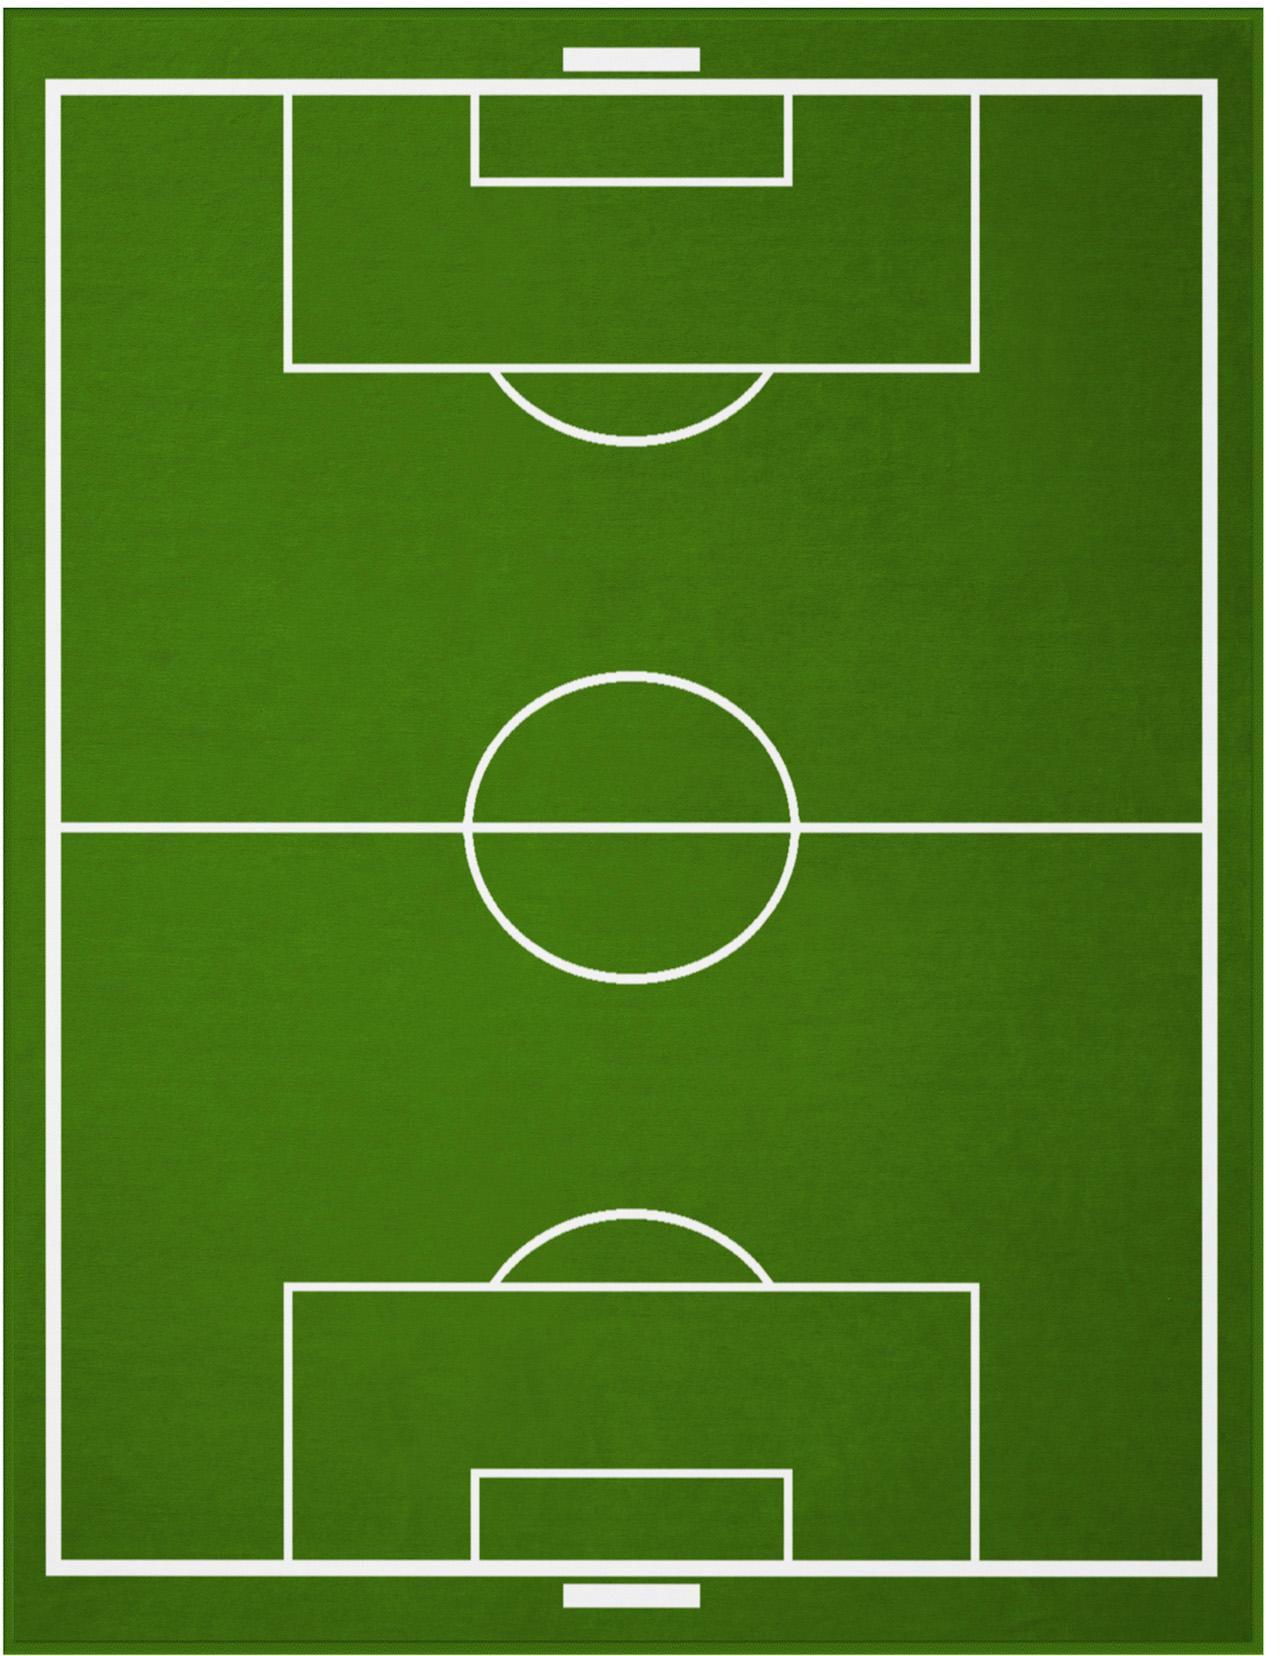 BIEDERLACK Wohndecke, Biederlack, »Fußballfeld«, mit coolem Fußballfeld-Motiv